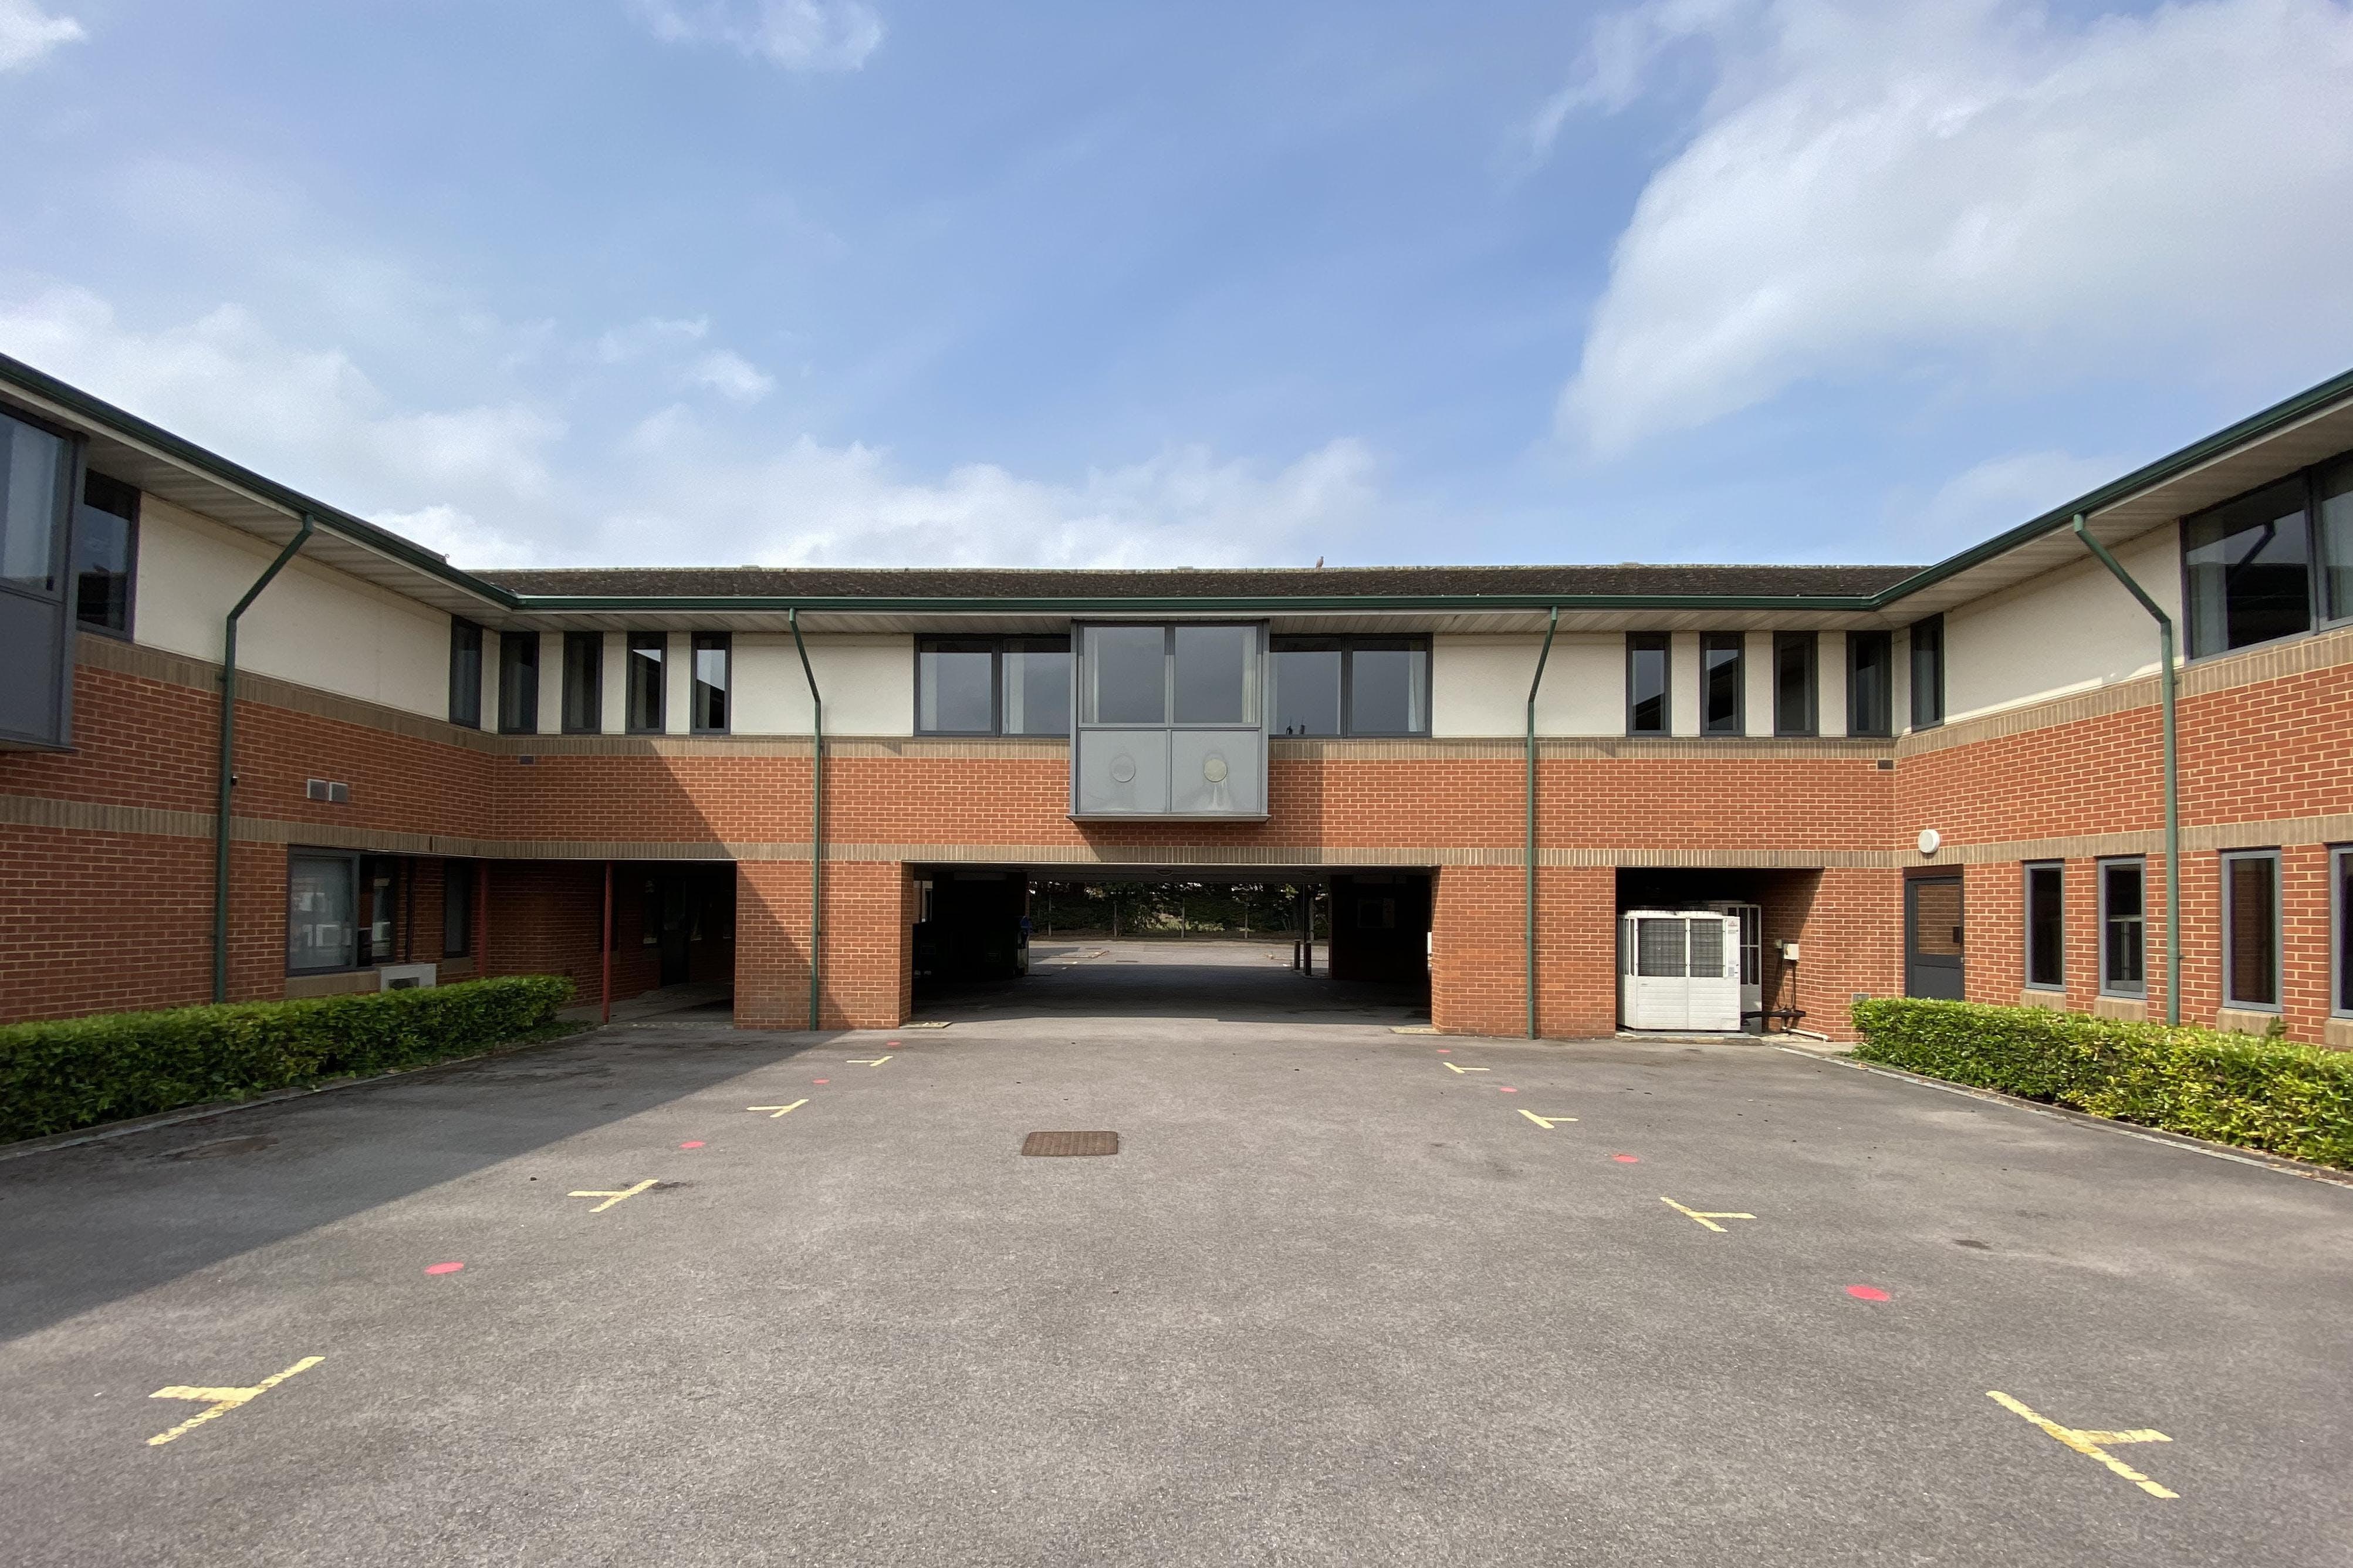 Waterslade House, Thame Road, Haddenham, Office / Land / Residential / Investment For Sale - IMG_7712 2.JPG